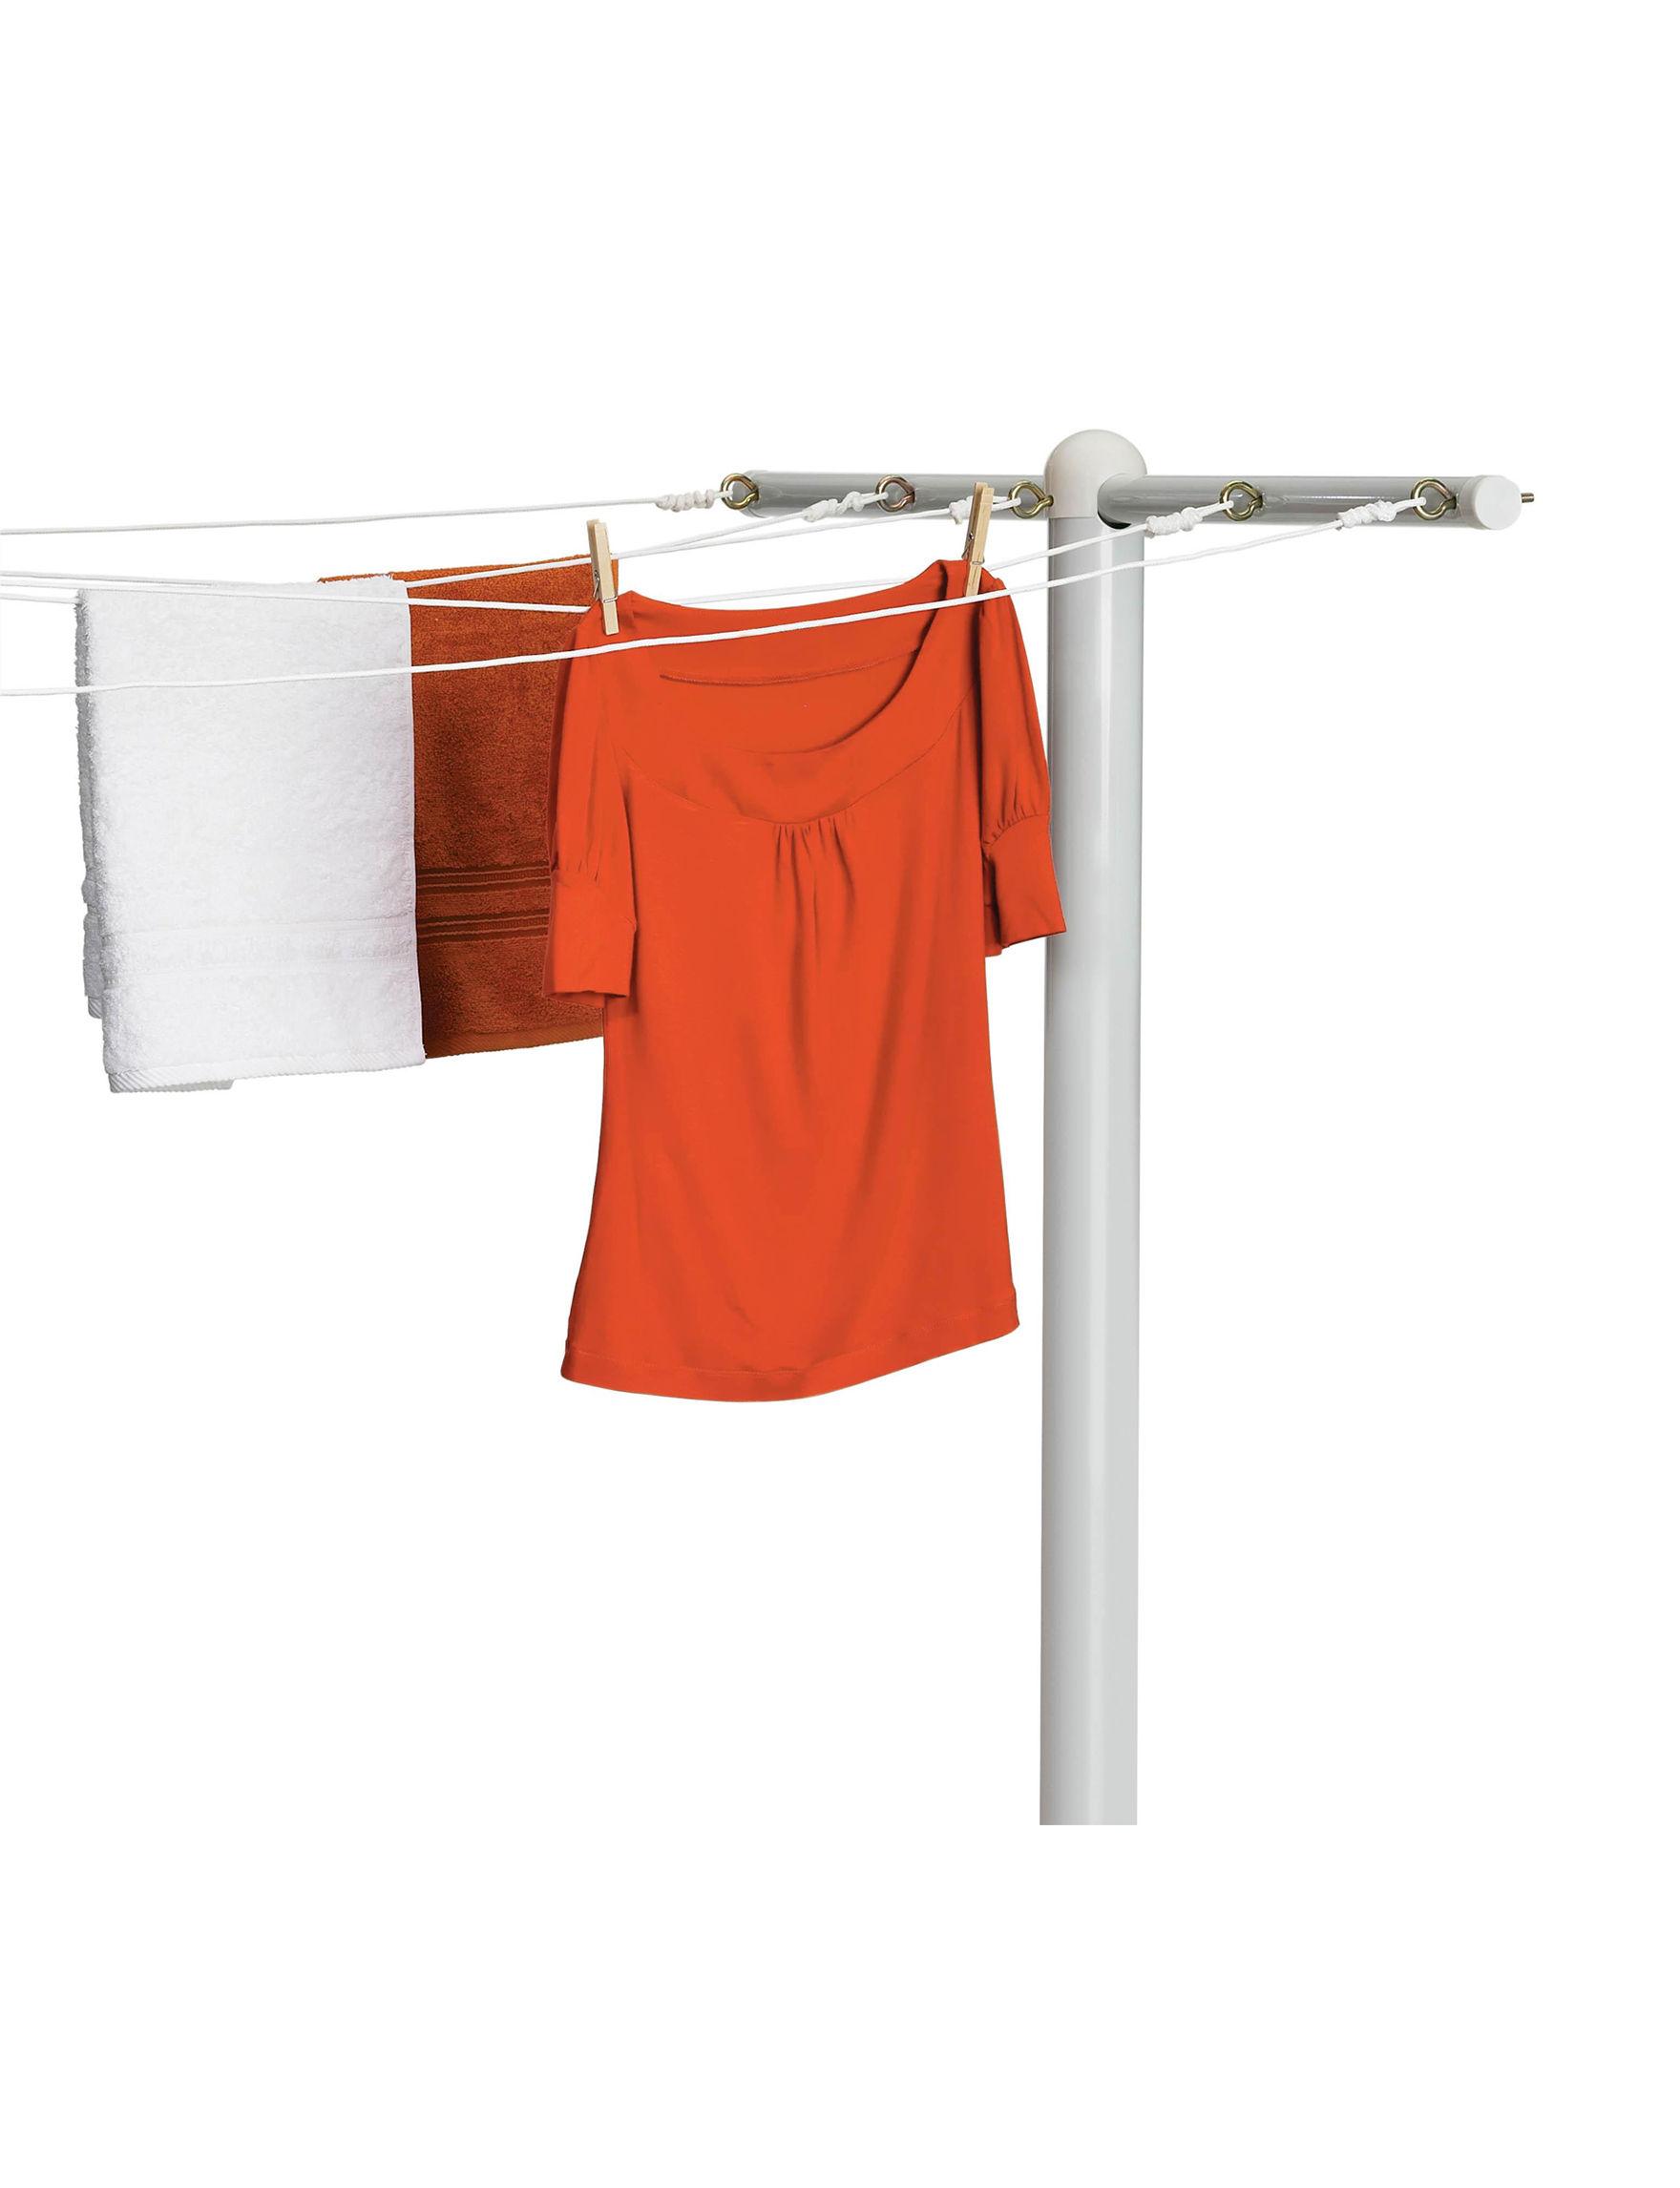 Honey-Can-Do International White Garment & Drying Racks